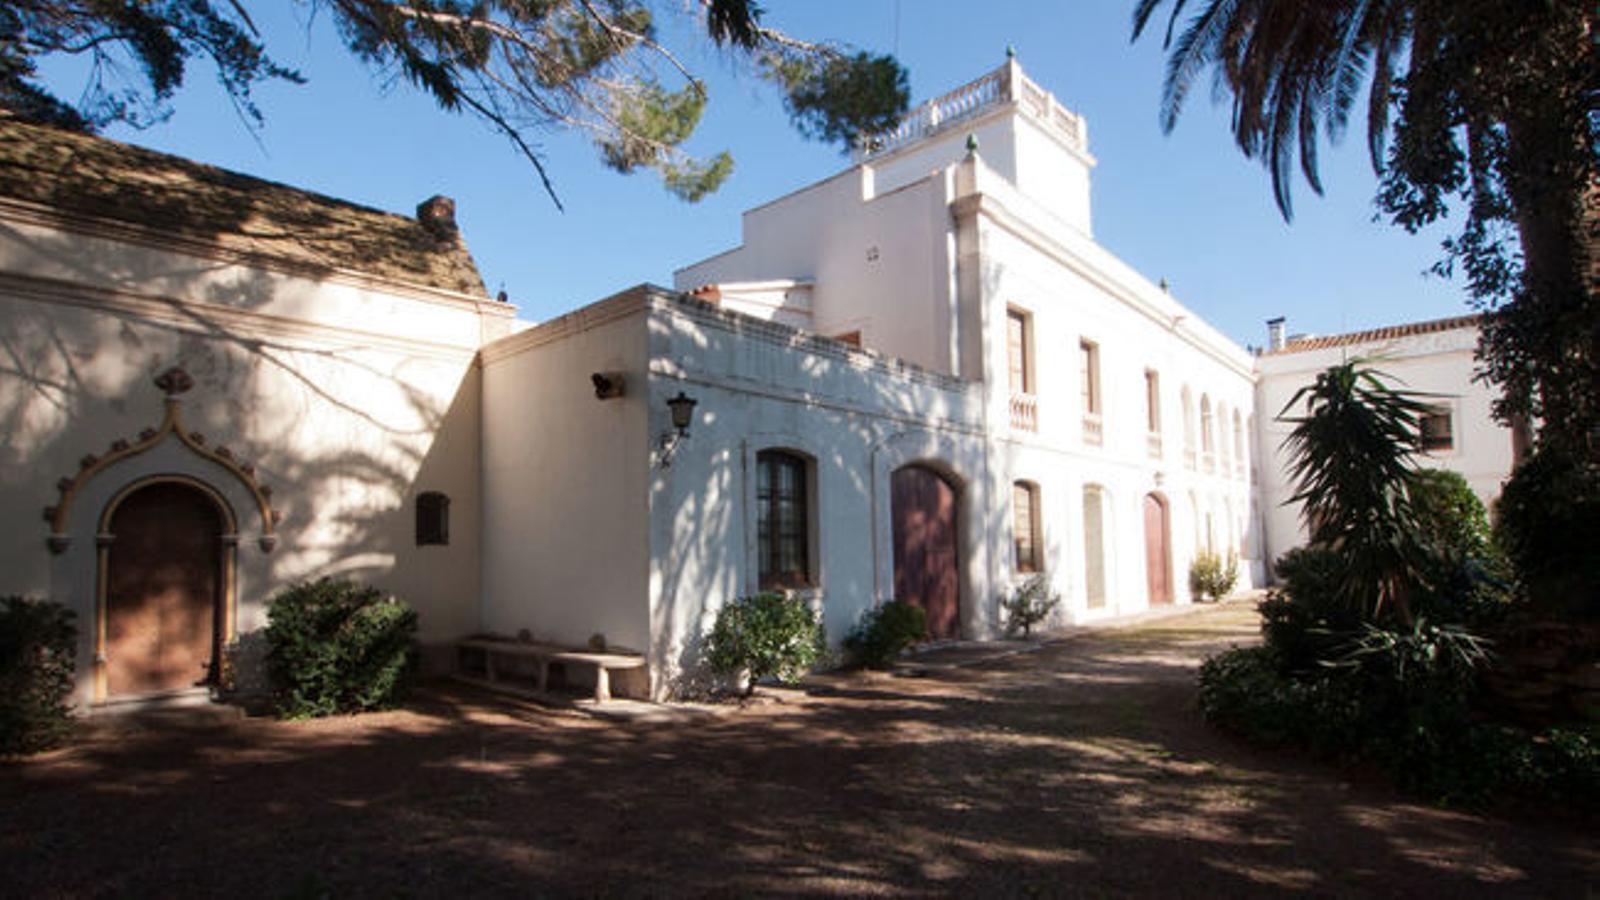 El govern espanyol subvenciona amb 200.000 euros la masia Mas Miró per la seva museïtzació